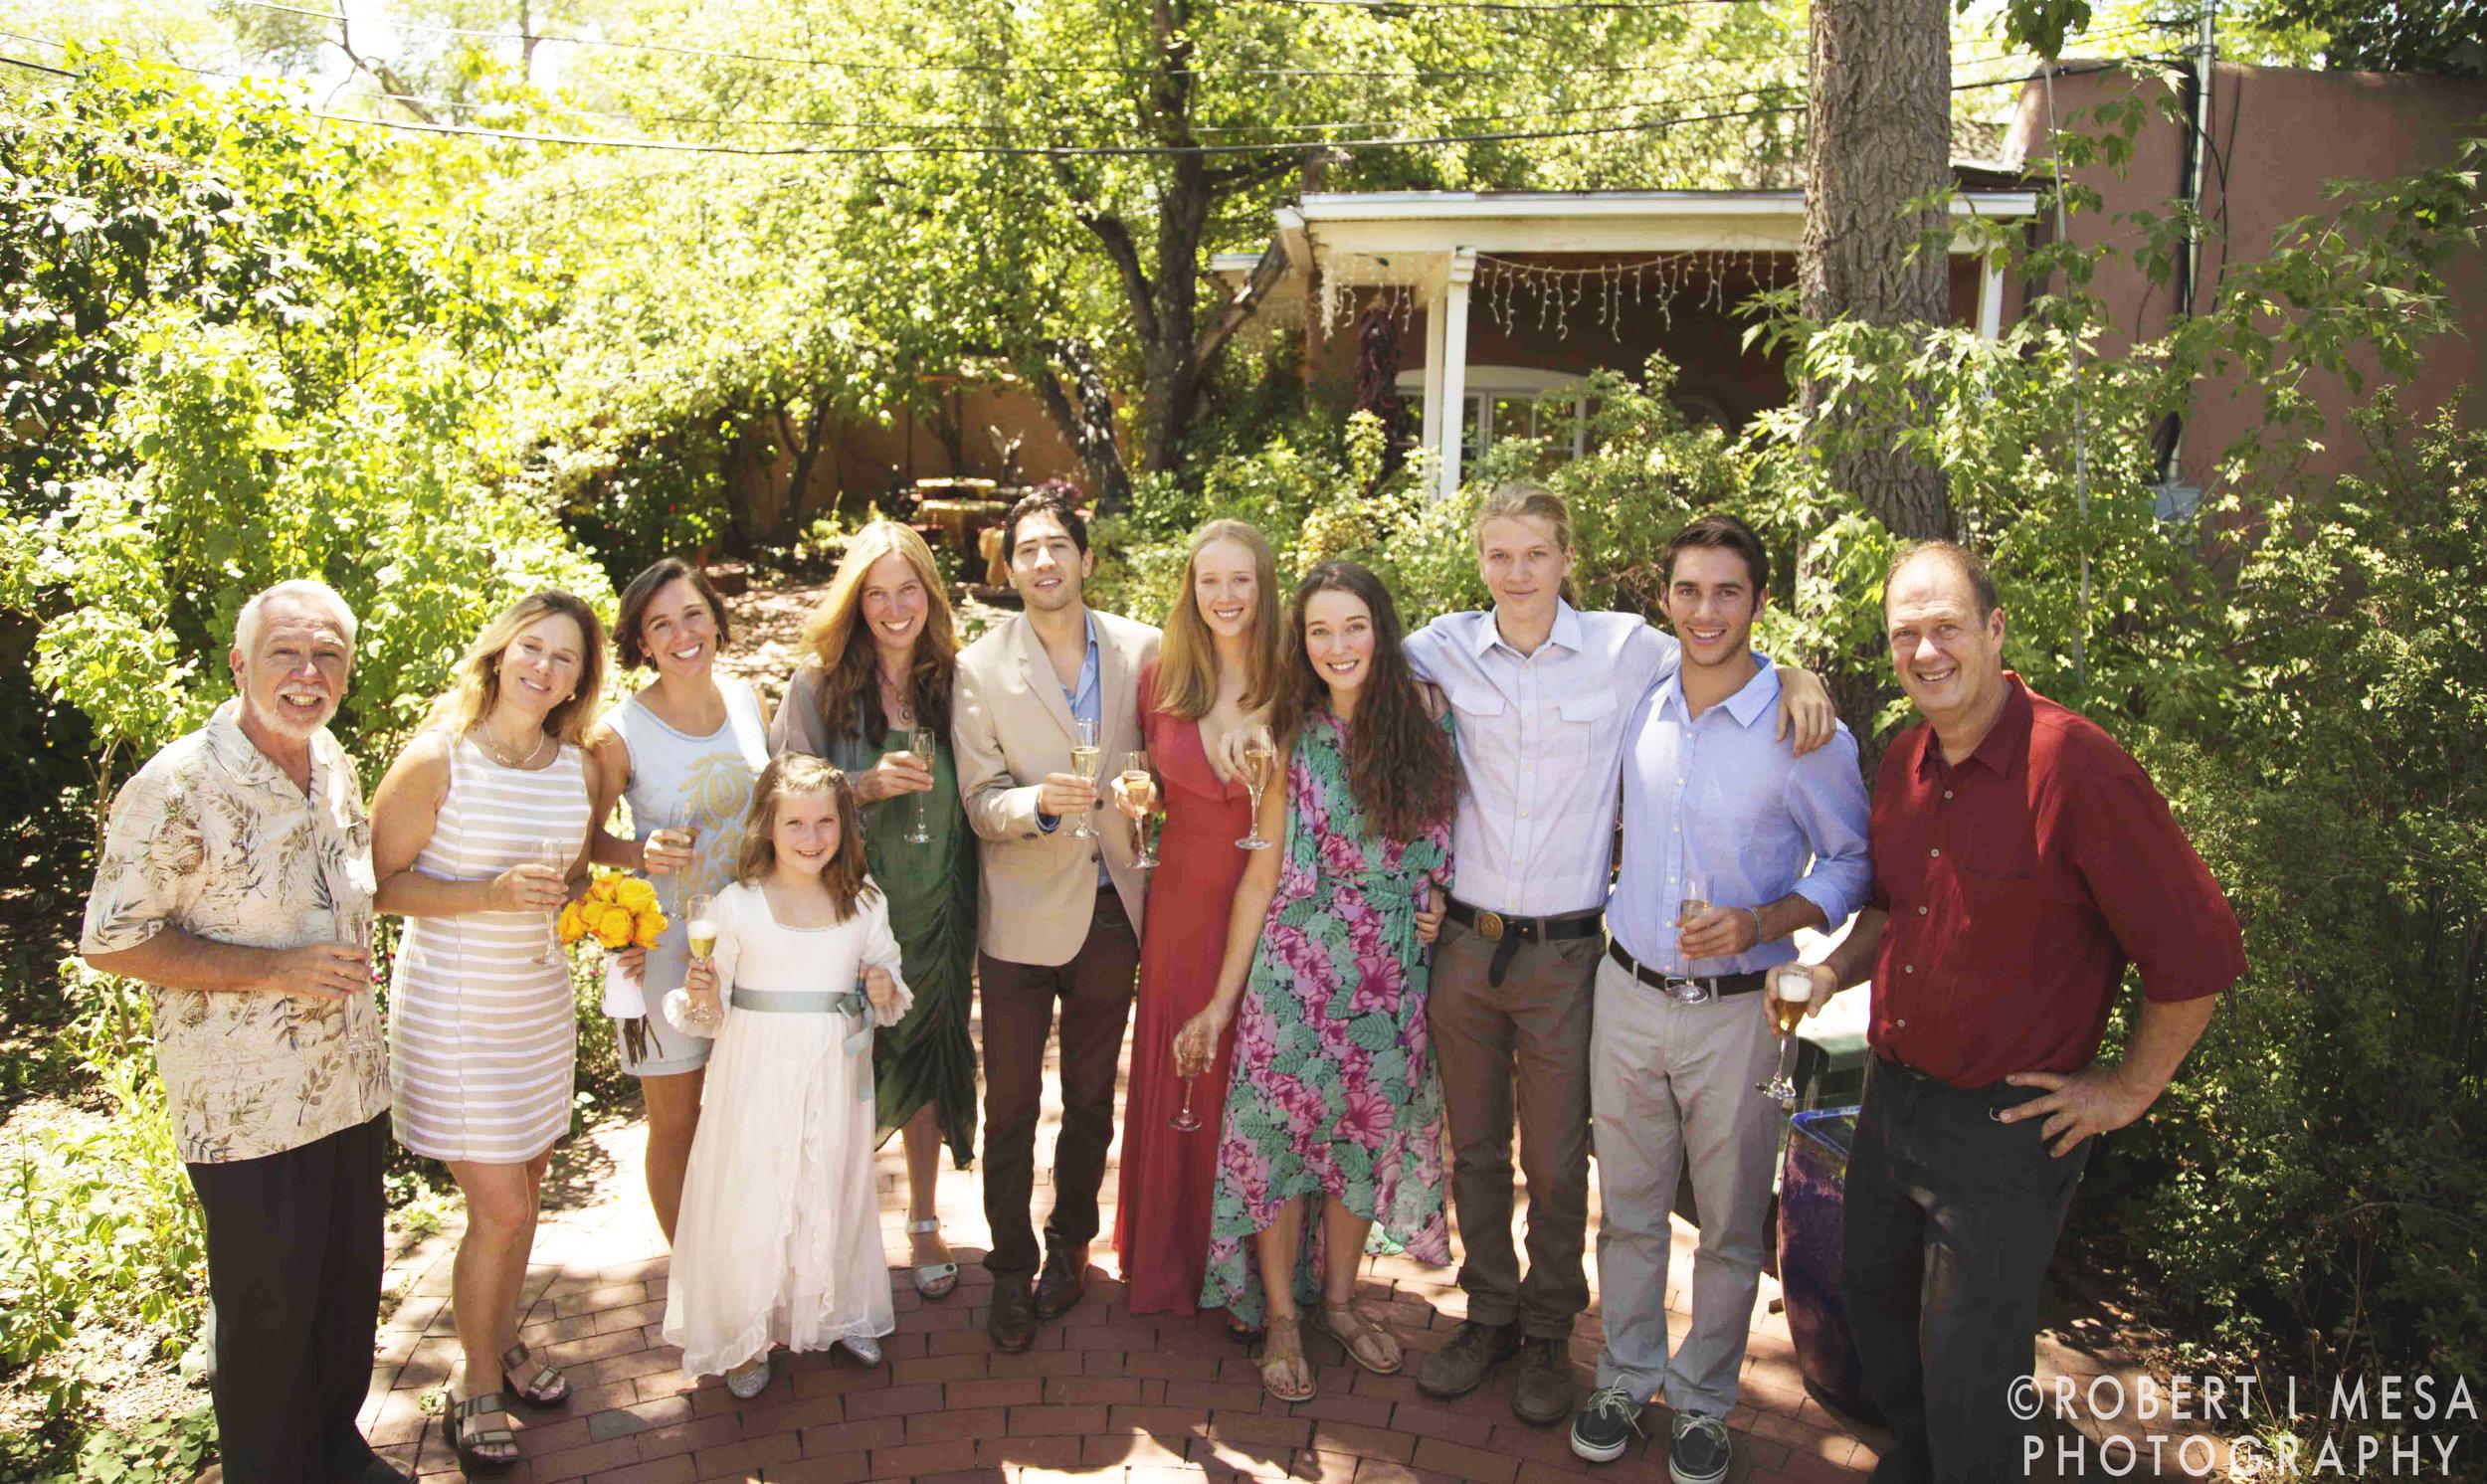 BALWIT_WEDDING-ROBERTIMESA-2015_153 copy.jpg